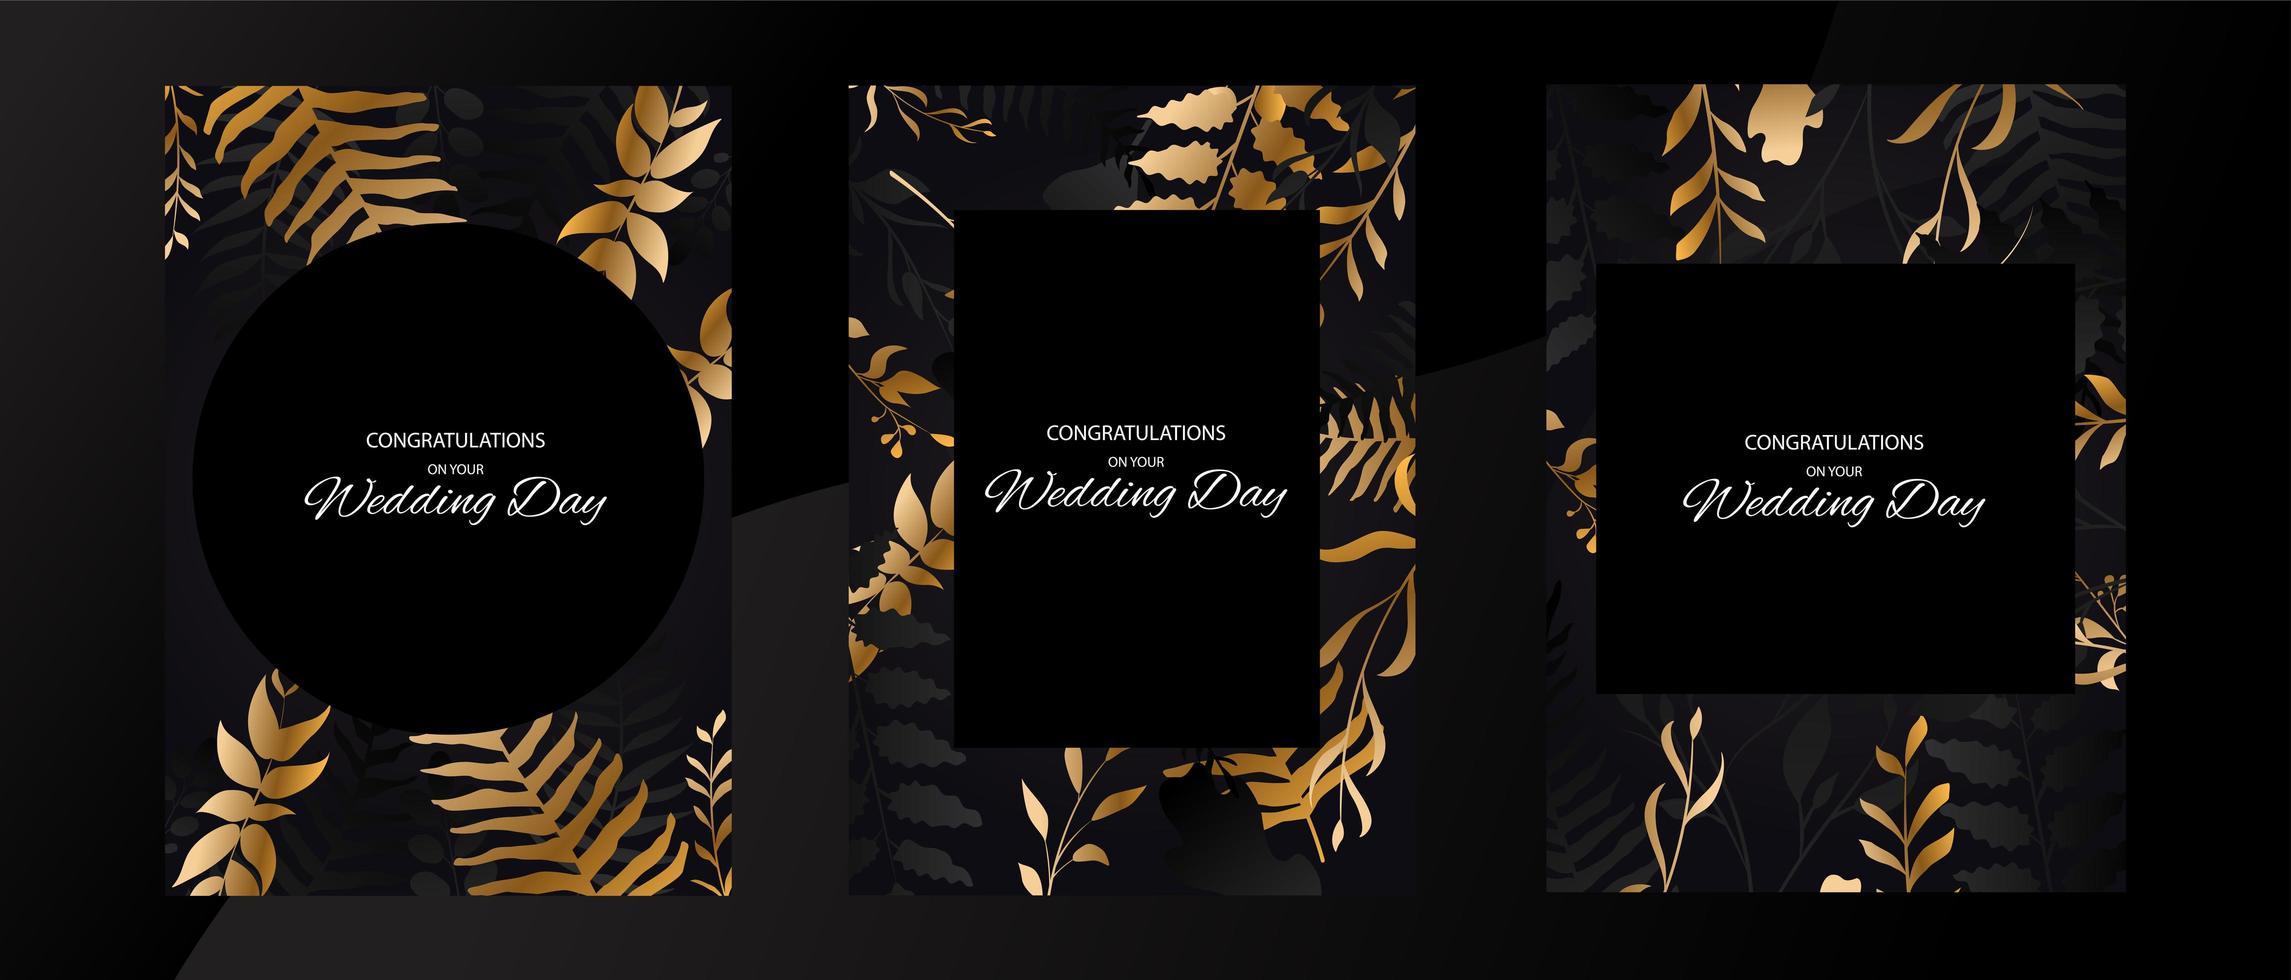 conjunto de tarjeta de marco de hoja de oro y negro de boda vector